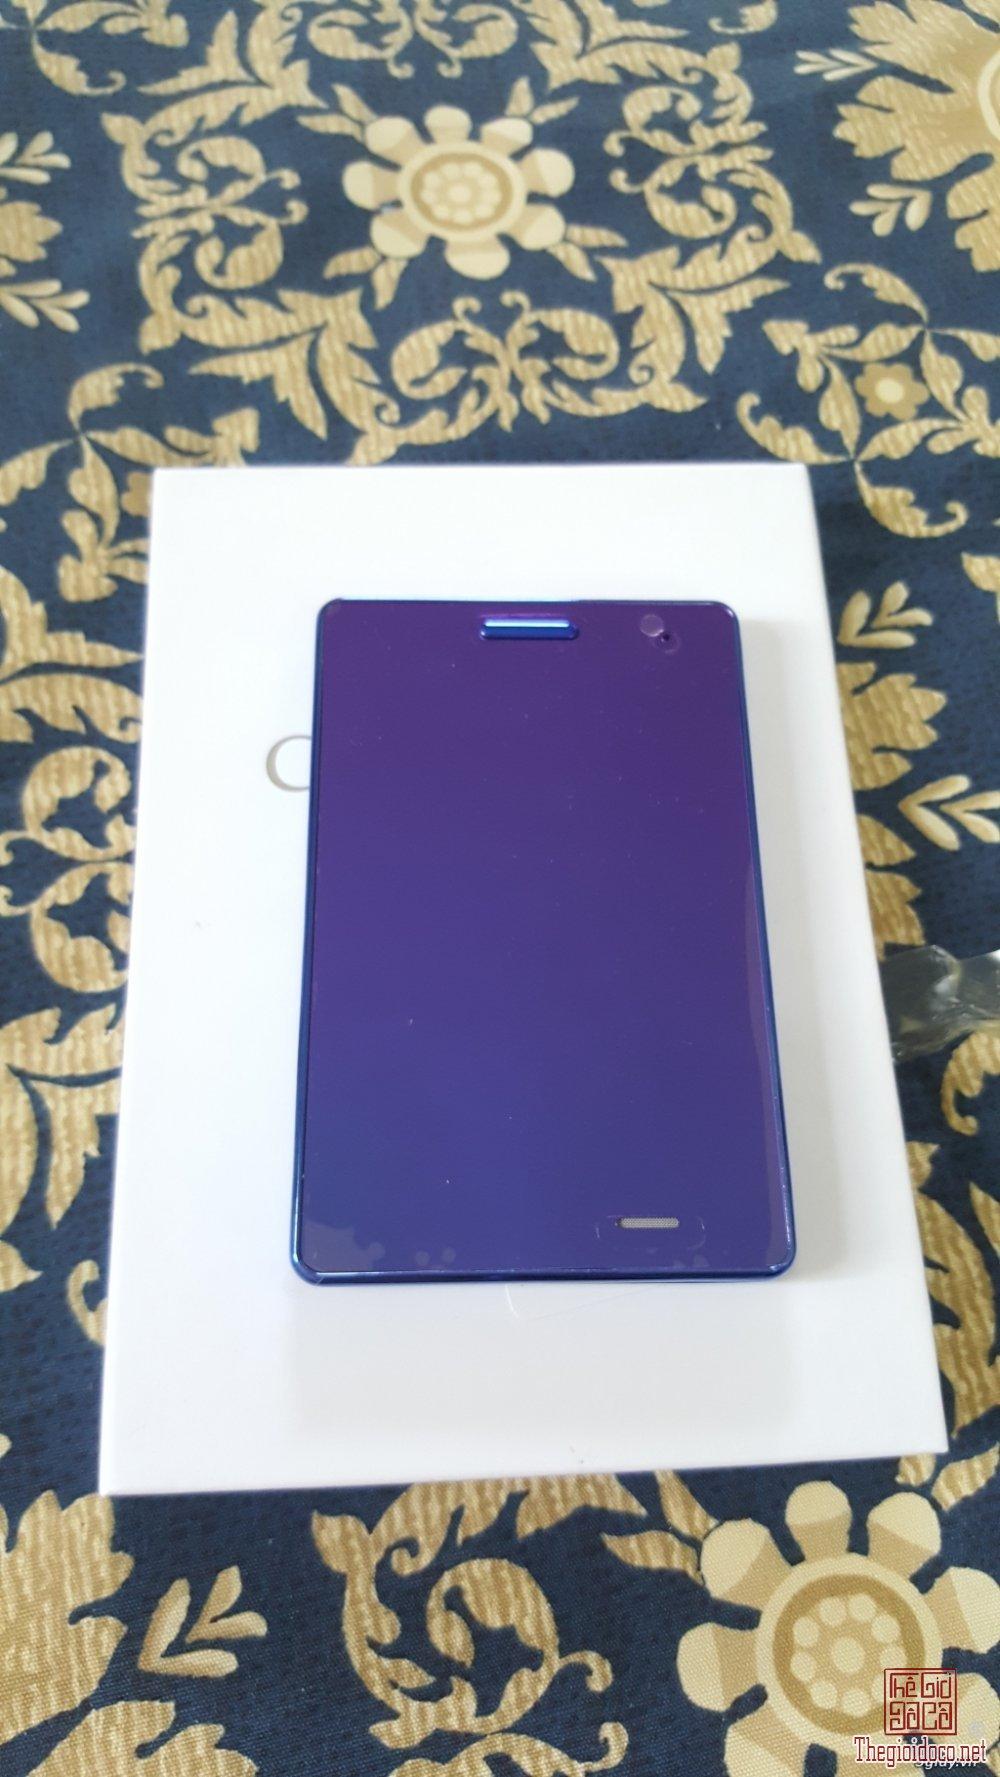 iện thoại mini card phone (3).jpg